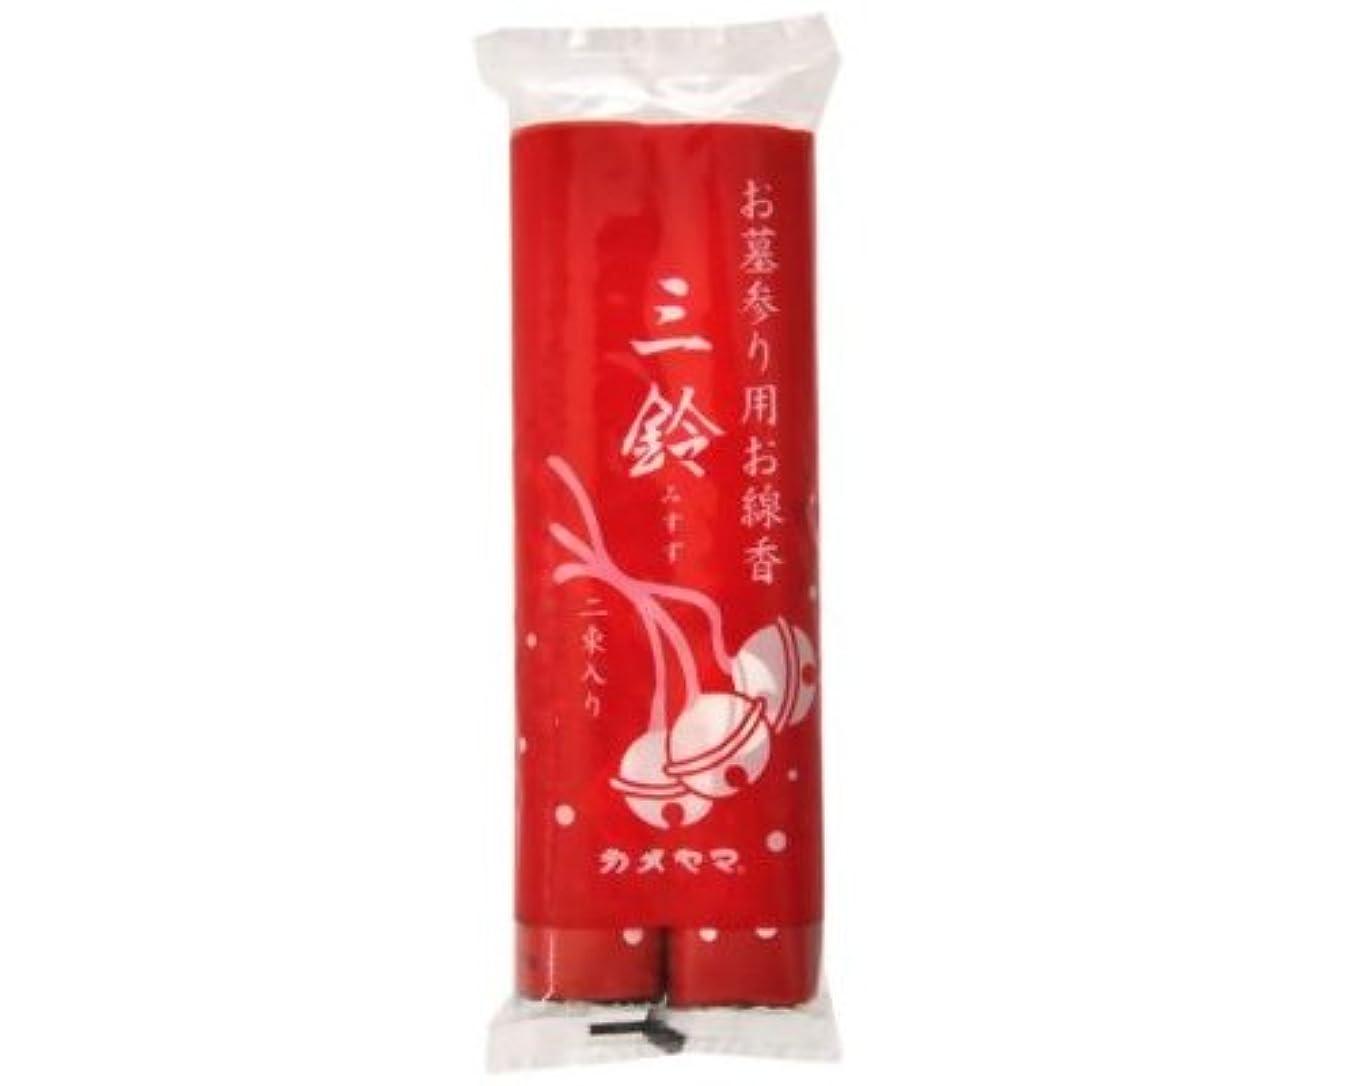 収束床を掃除するみすぼらしい墓線香三鈴(太巻)